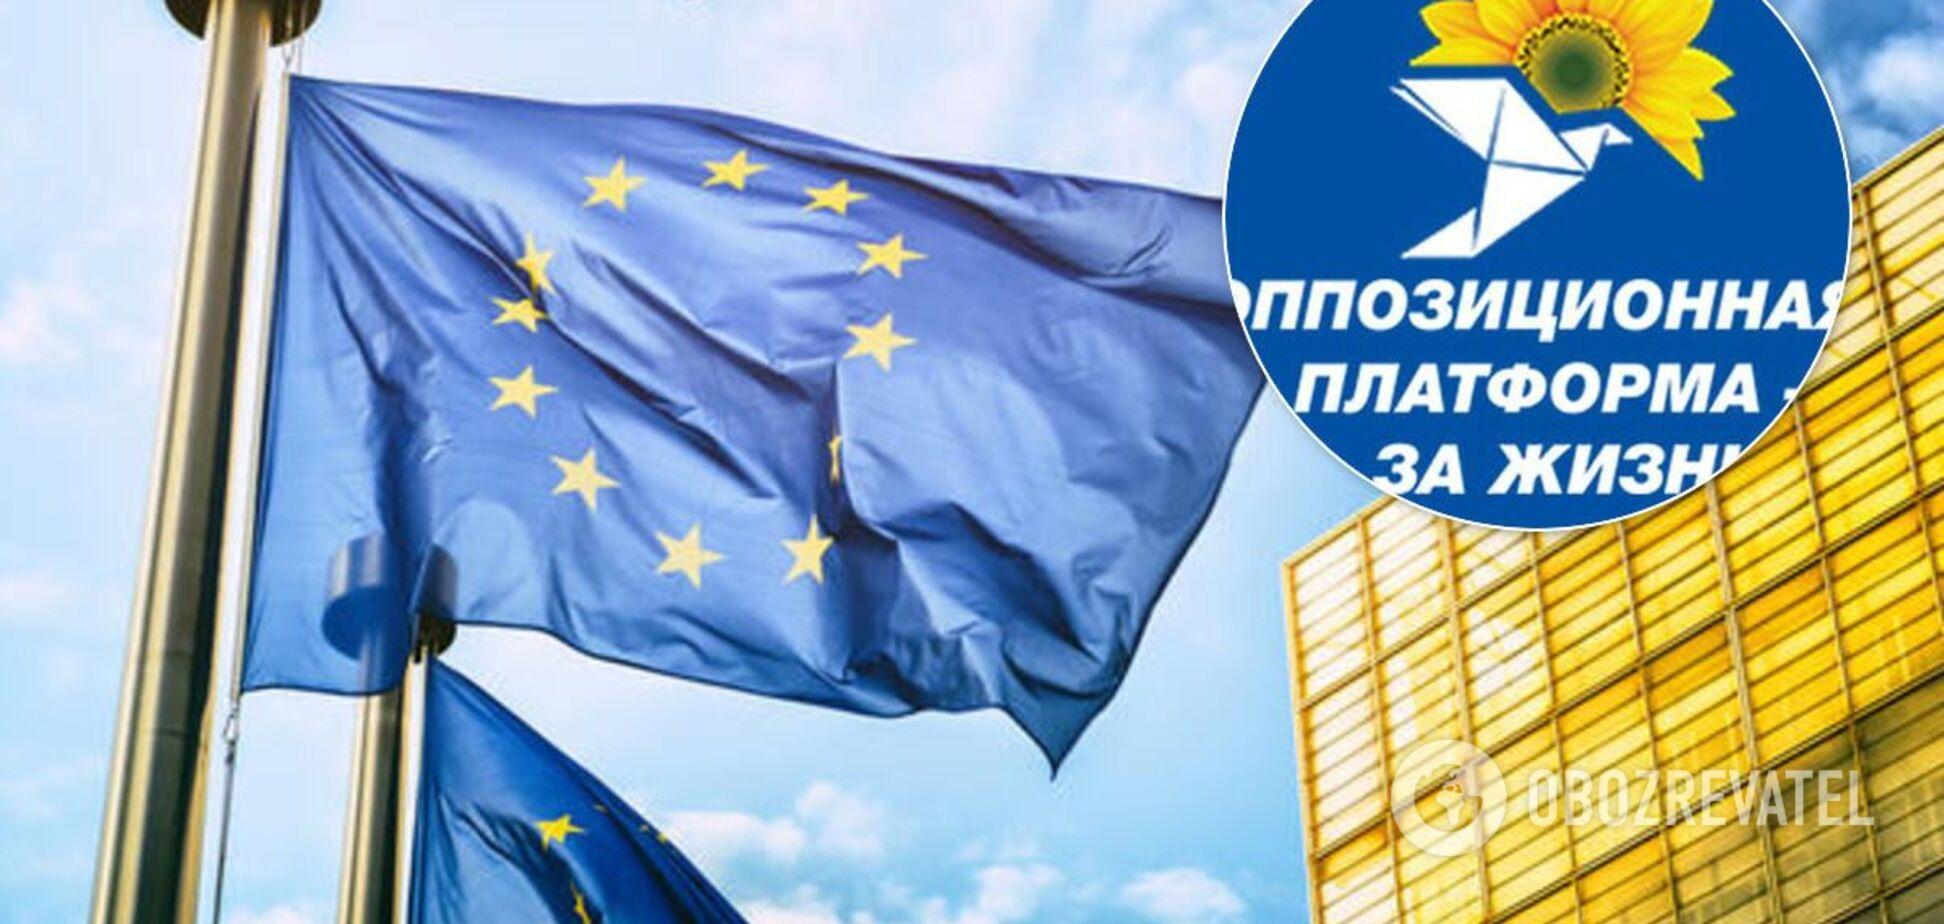 ОПЗЖ — ініціатор процесу скасування безвізу для України